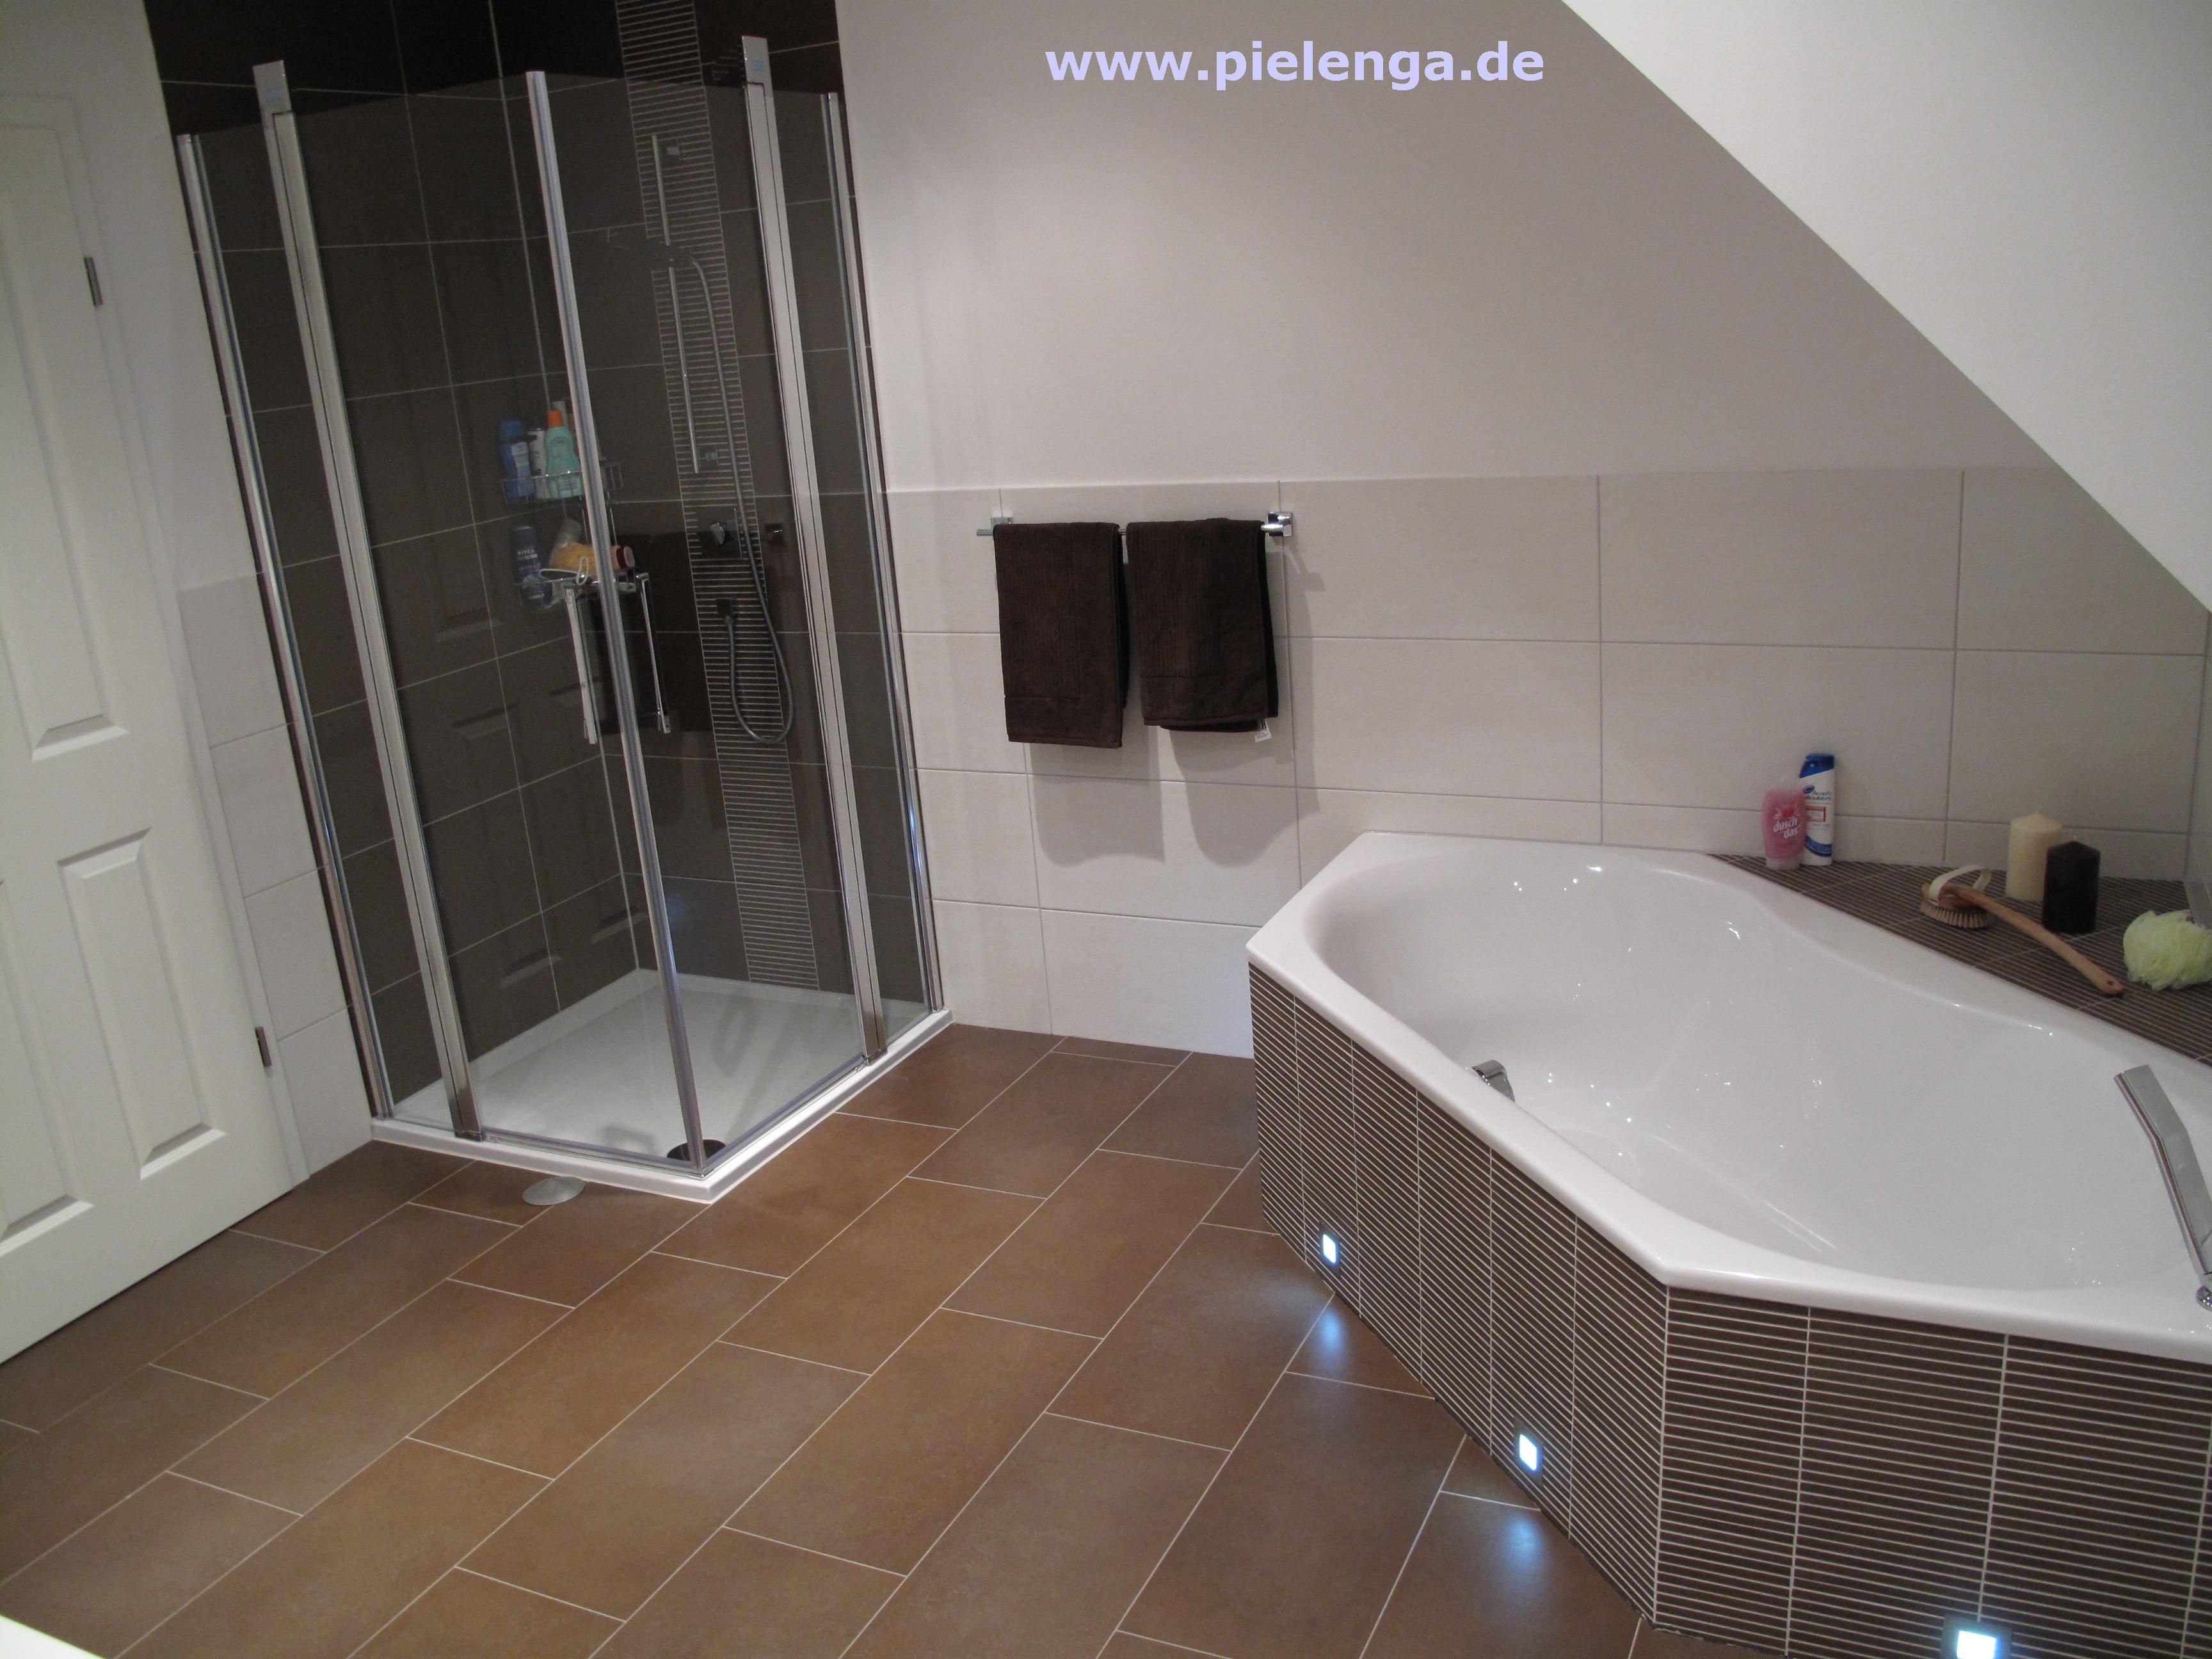 Neubau badezimmer ideen inspiration design for Badezimmer neubau